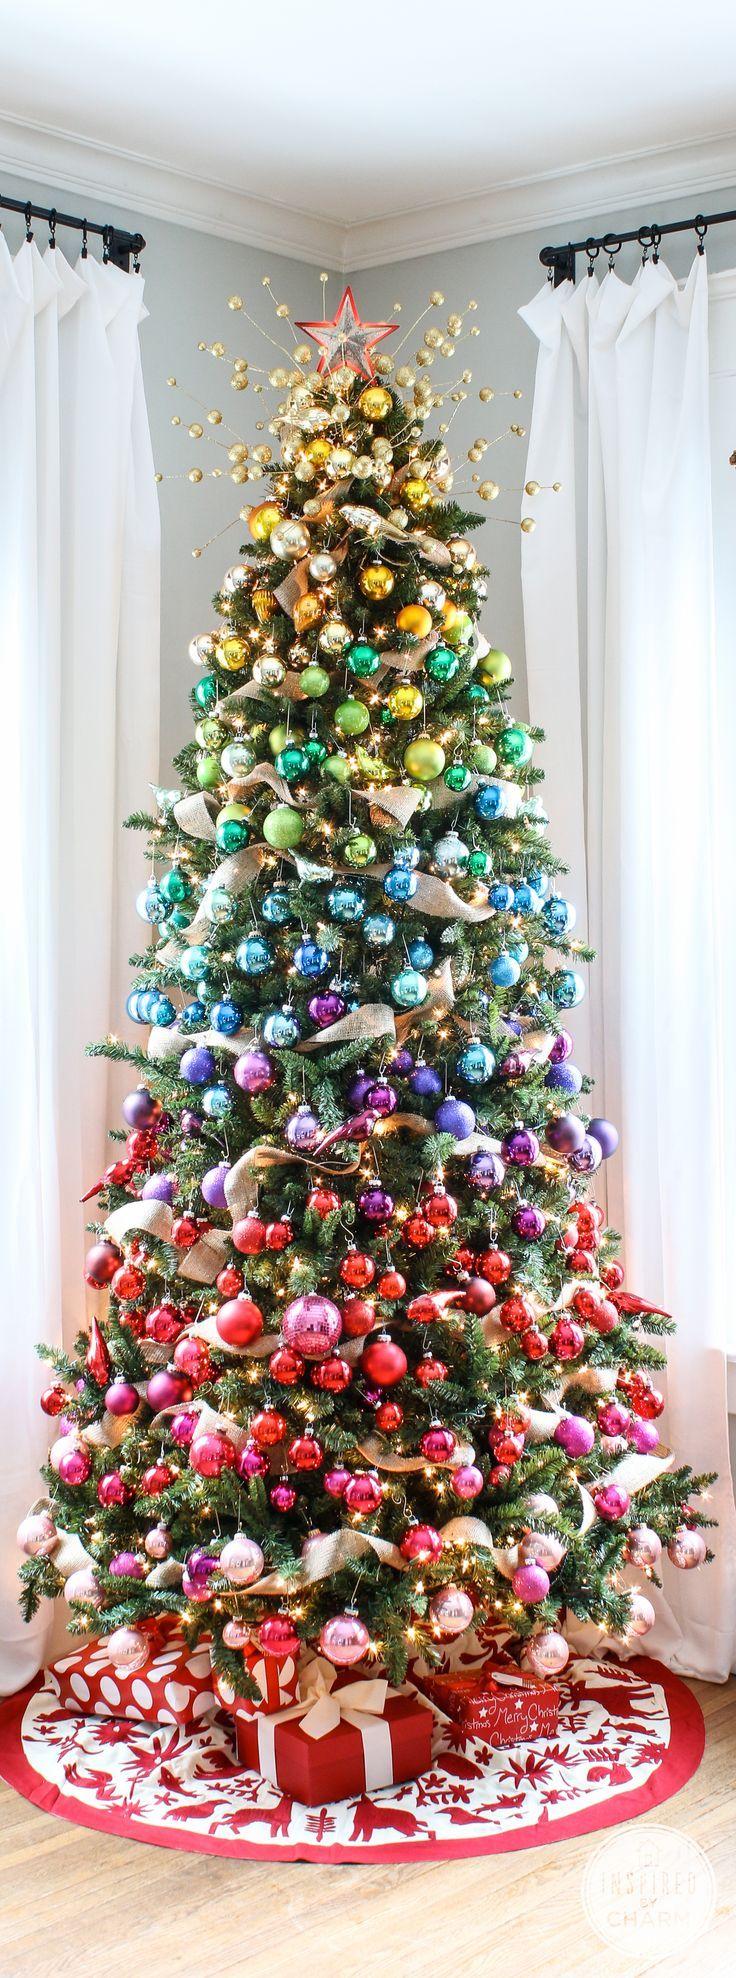 DIY Unique Christmas Tree Ideas (1)